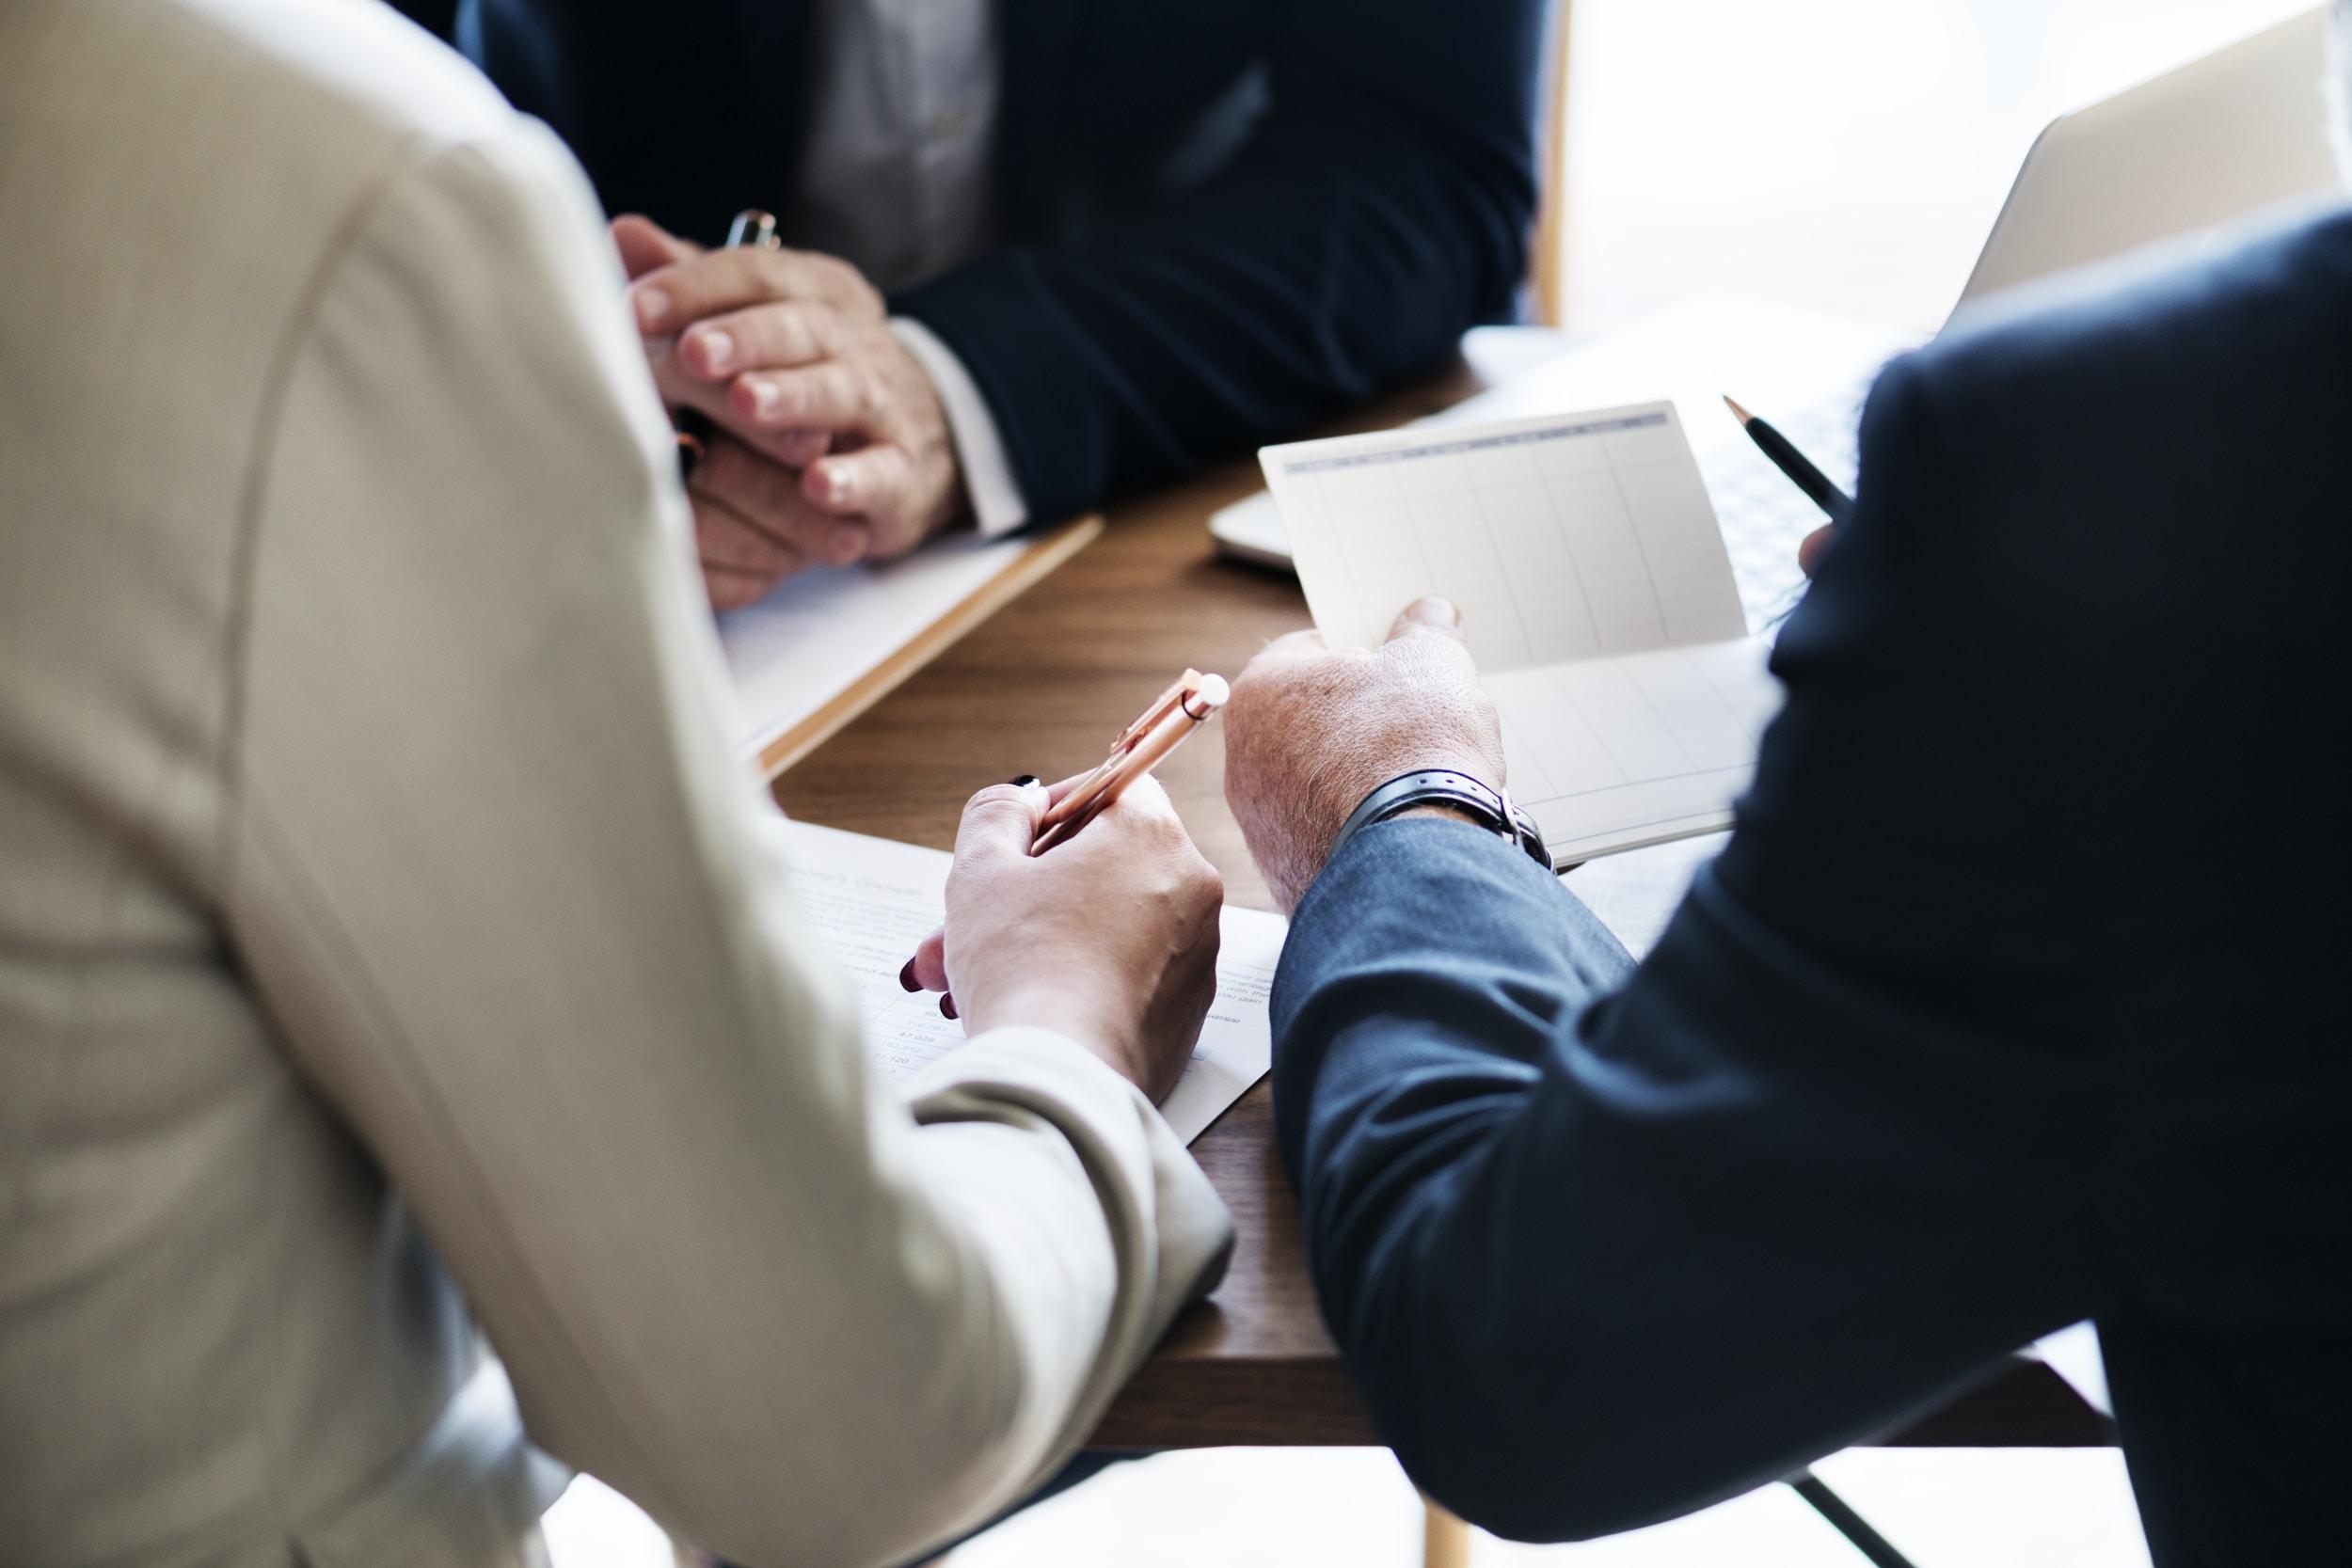 Three individuals having a meeting